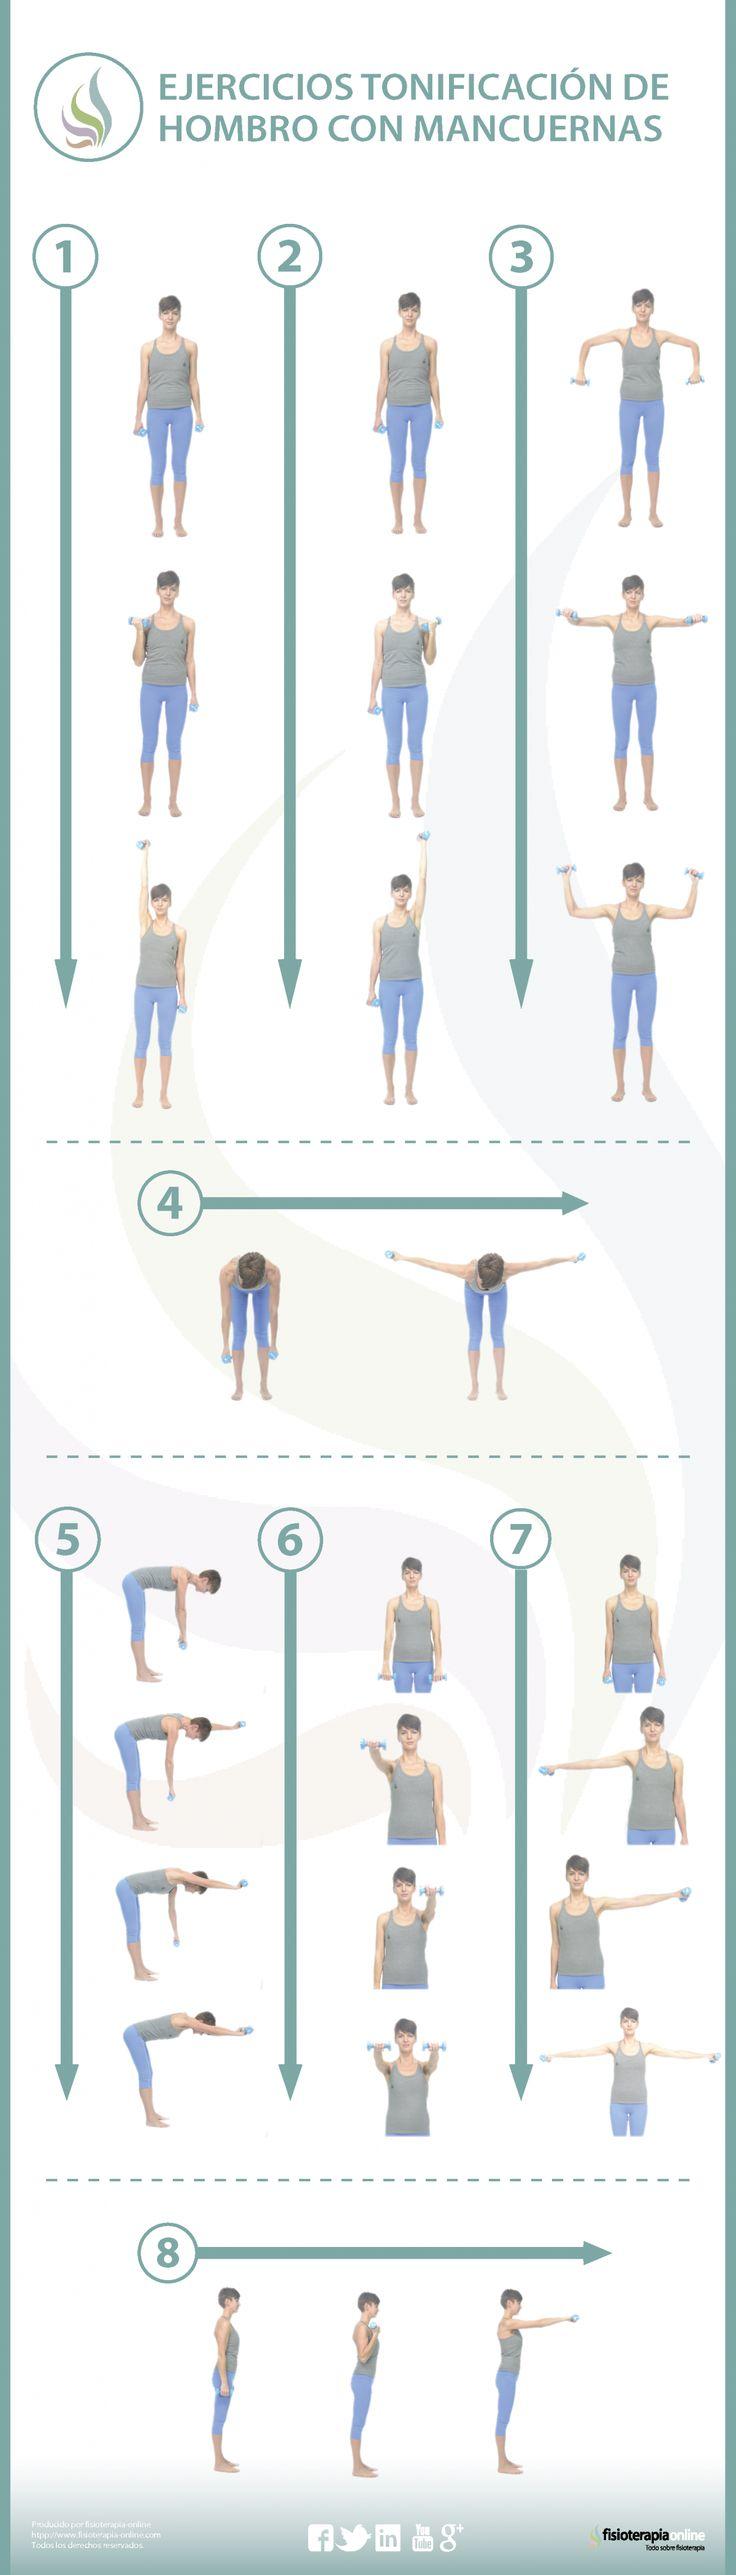 8 ejercicios para tonificar tus hombros con mancuernas                                                                                                                                                                                 Más